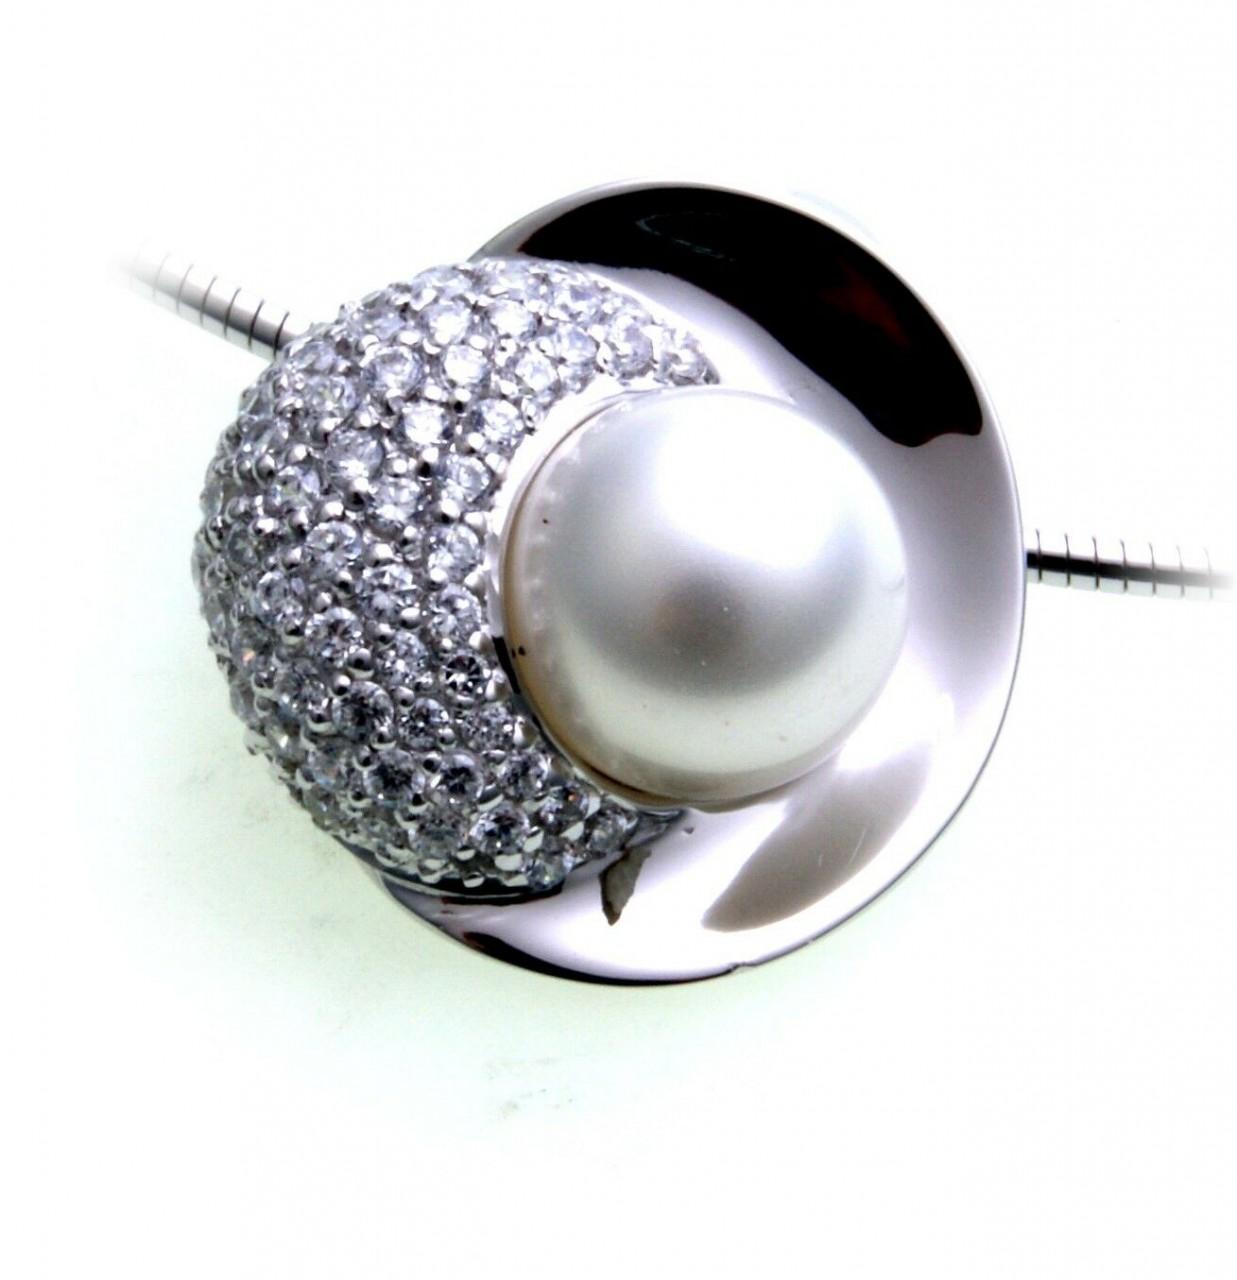 Damen Collier echt Silber 925 Zirkonia Perlen Sterlingsilber Anhänger Halskette